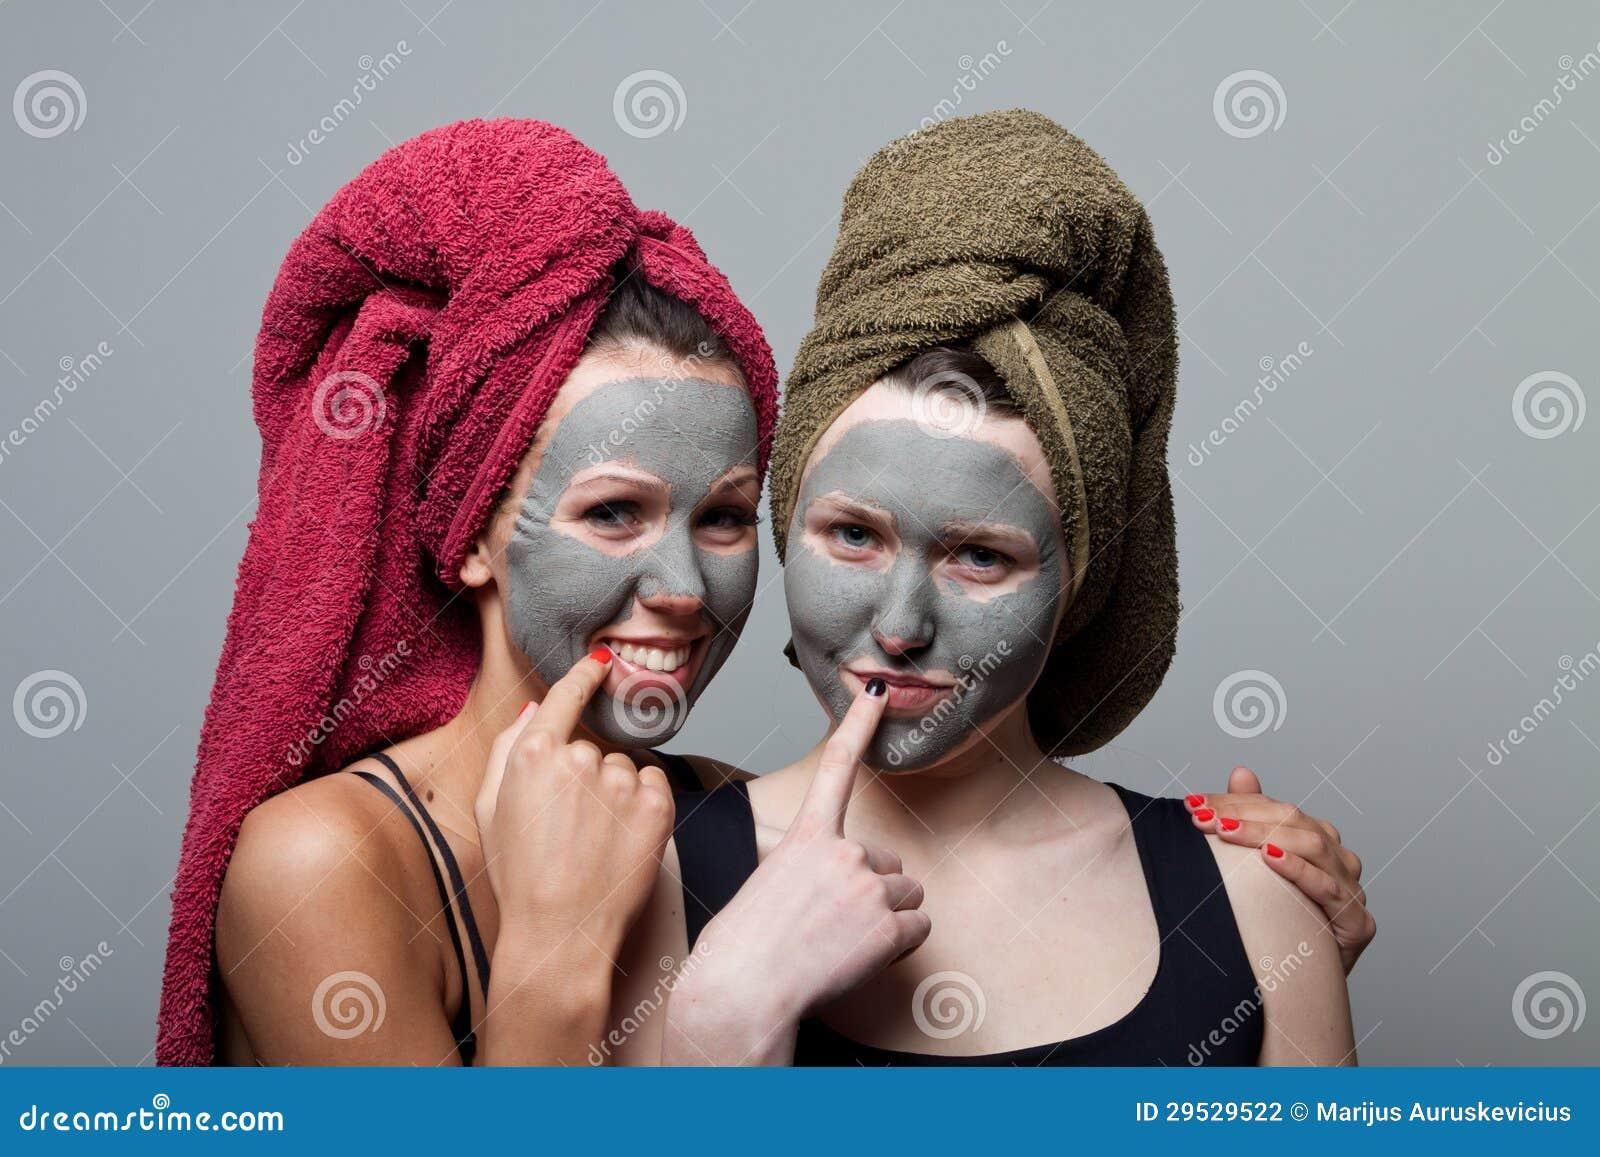 Máscara do facial da argila